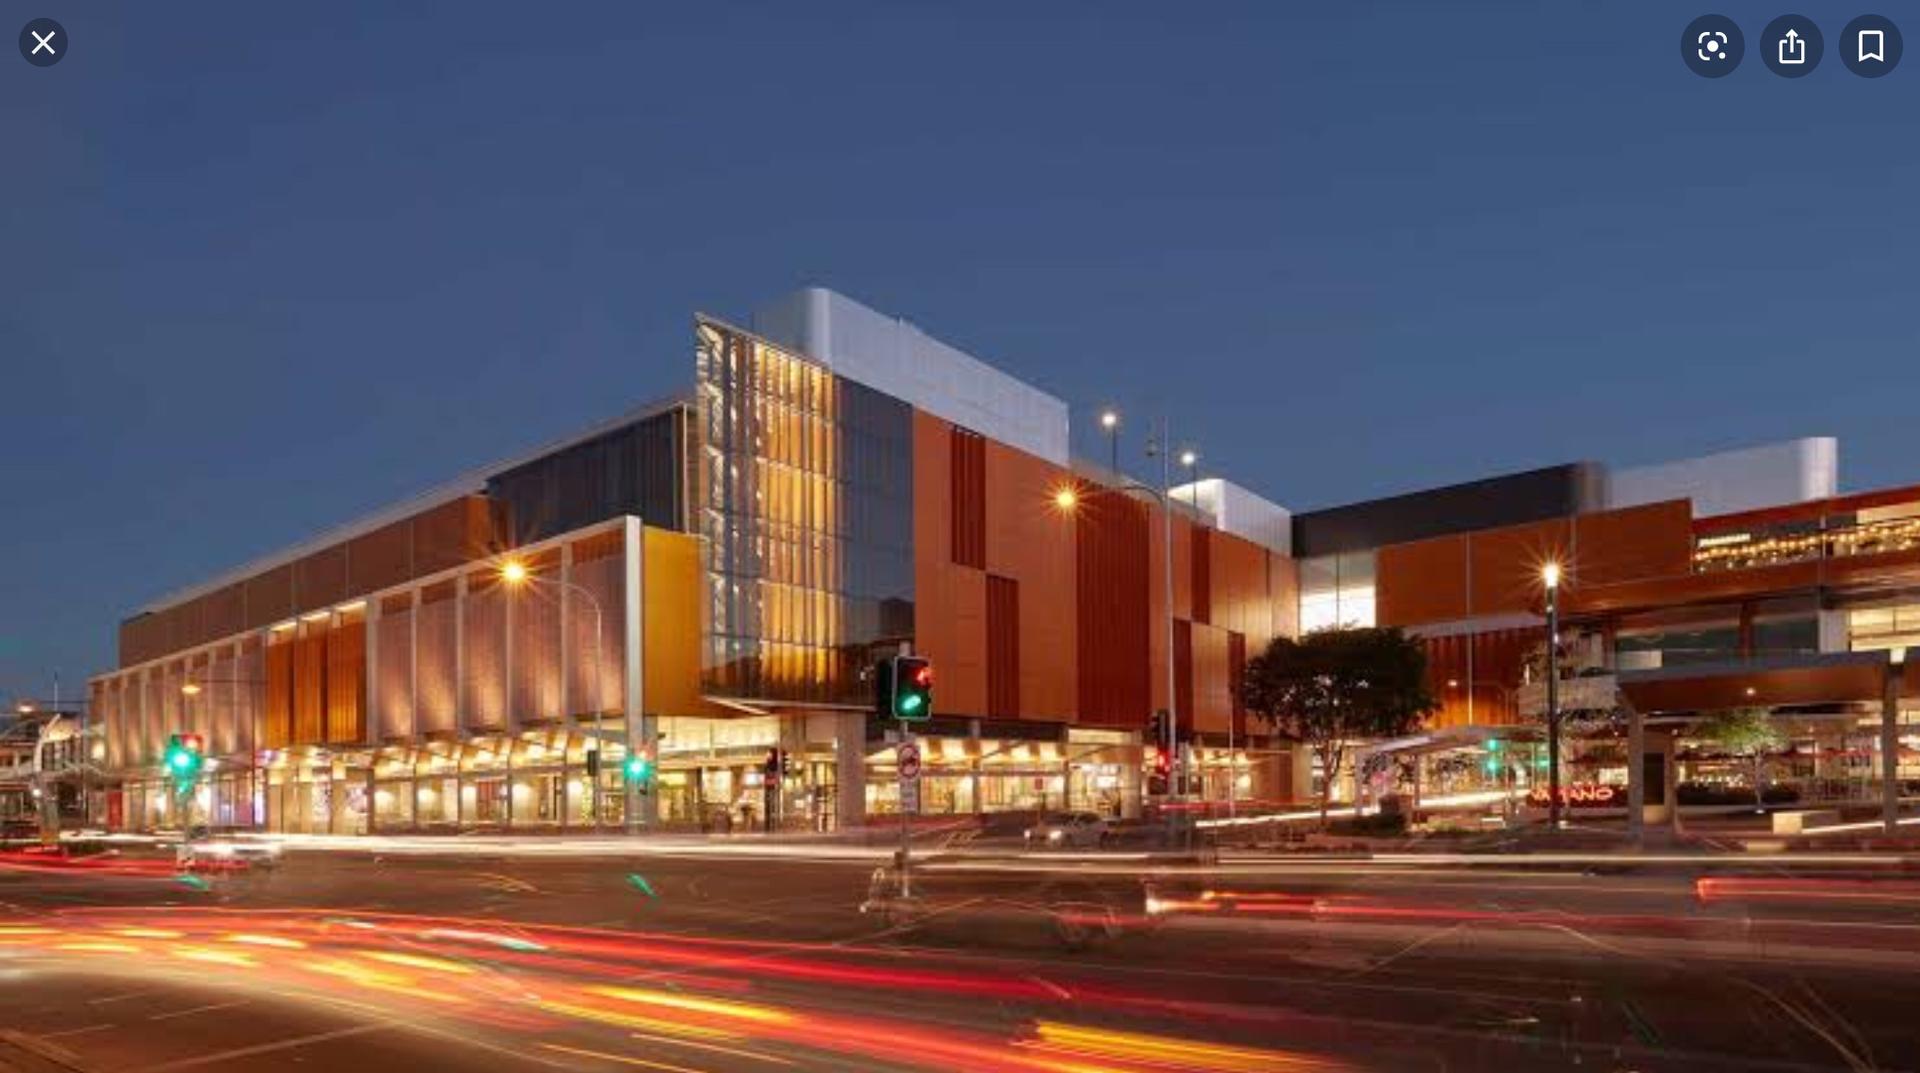 グランドセントラル | シドニー在住TWAさんのおすすめショッピング・買物スポット